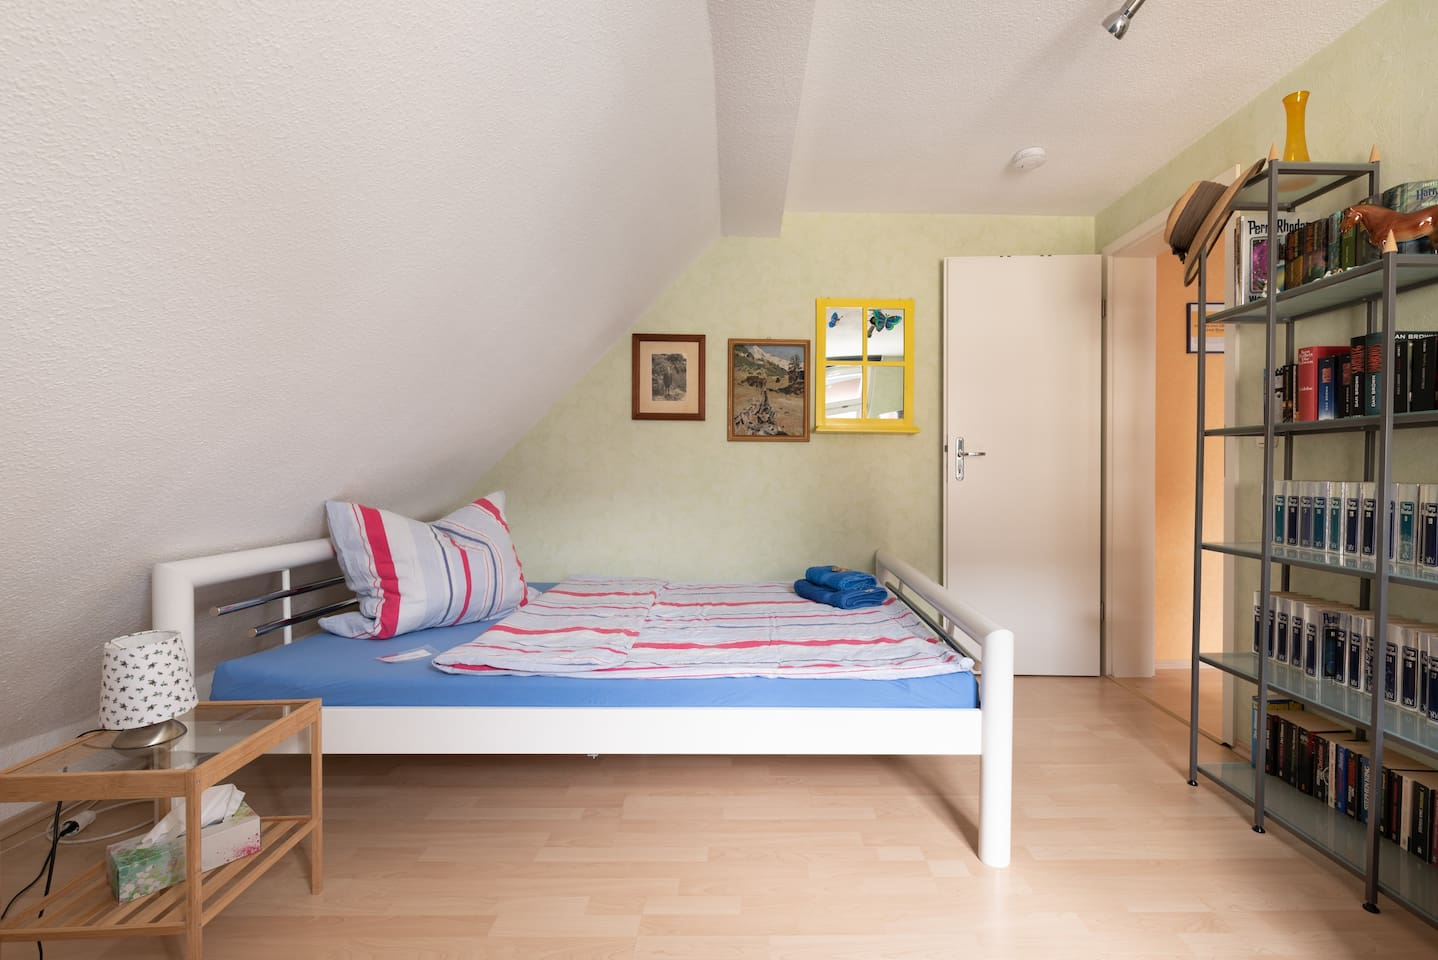 Zimmer für 1 Person, 1 Bett 1,40 m breit